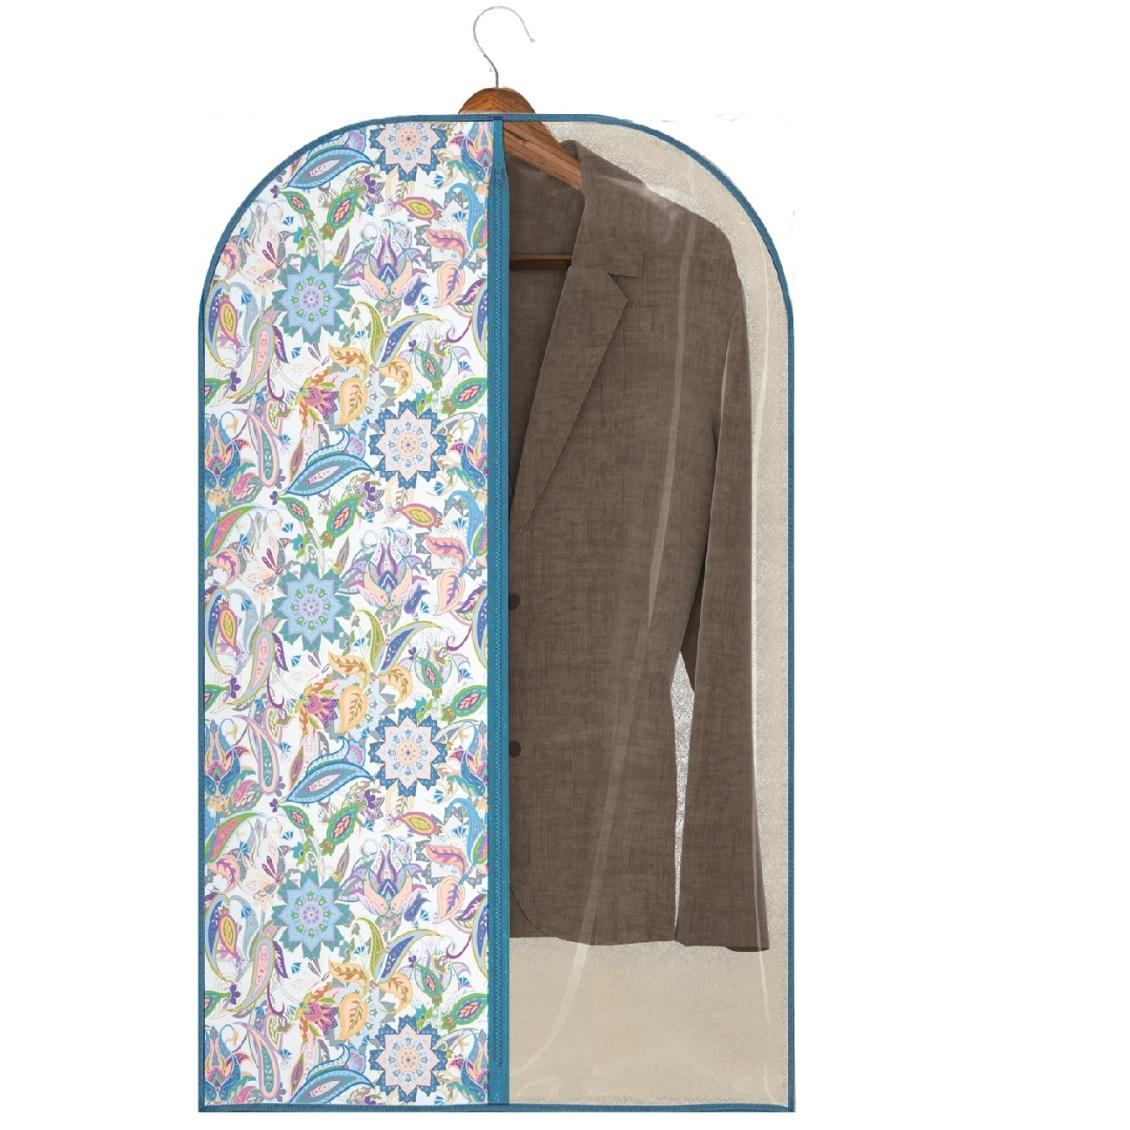 Фото - Чехол для одежды Hausmann 60х100 см, синий/принт рыжий кот чехол для одежды 60х100 см 312103 синий